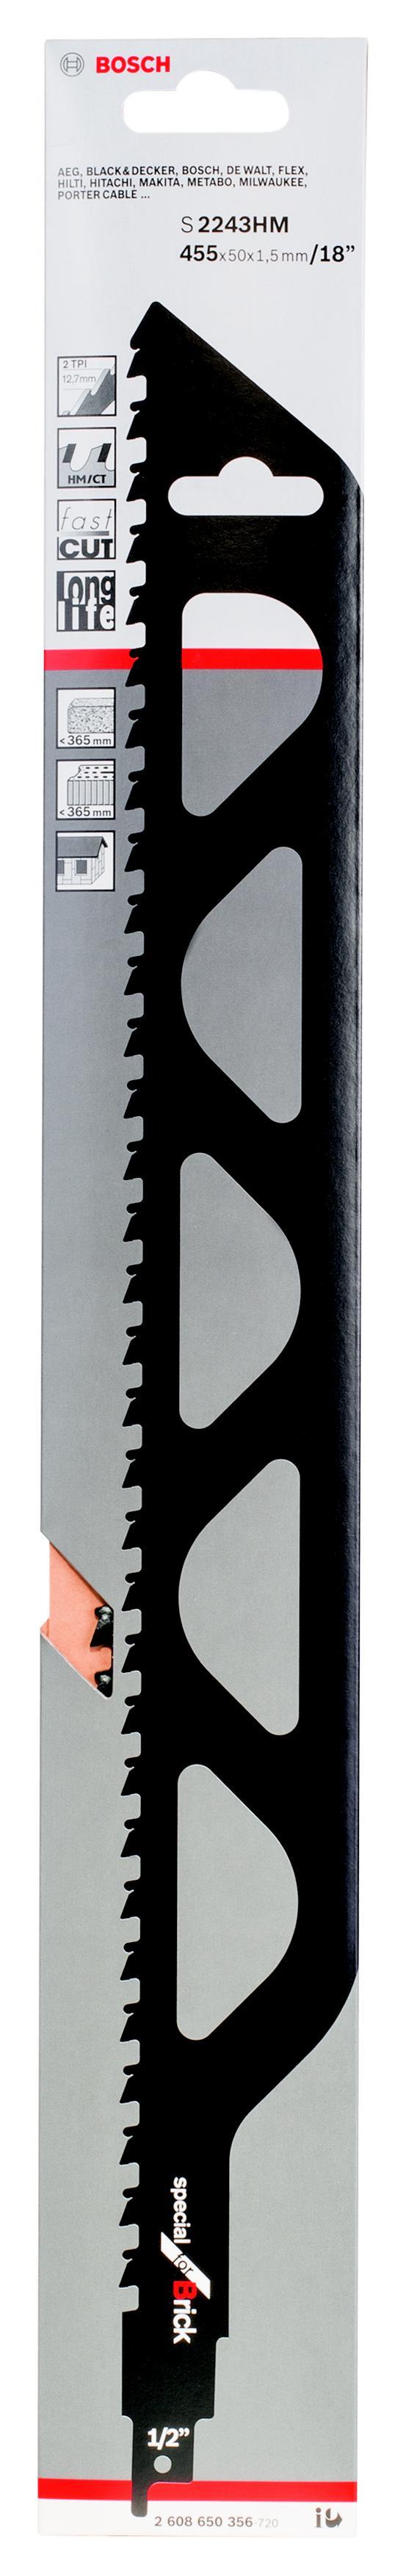 Купить Полотно для сабельной пилы Bosch S 2243 hm (2.608.650.356), Германия